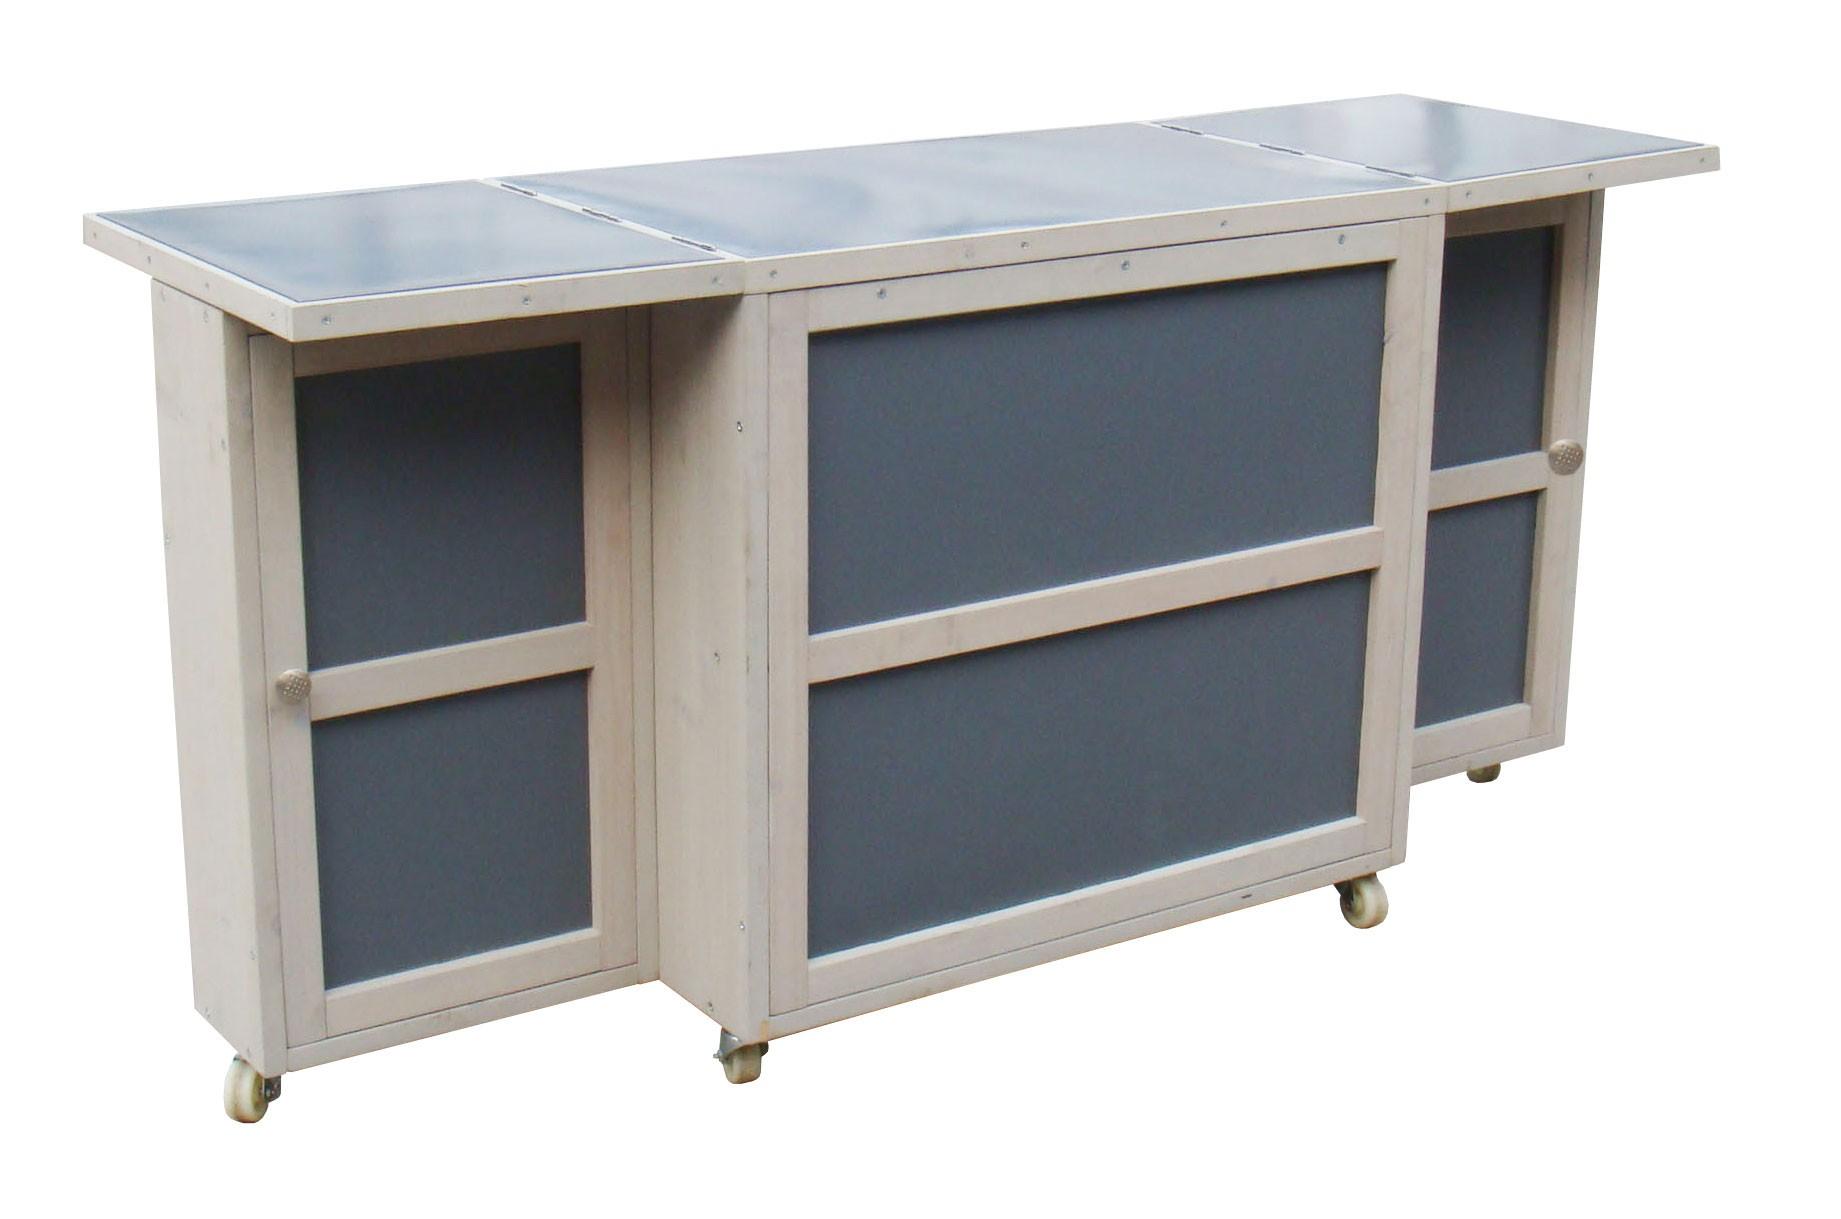 grilltisch habau caddy mit verzinkter arbeitsplatte. Black Bedroom Furniture Sets. Home Design Ideas